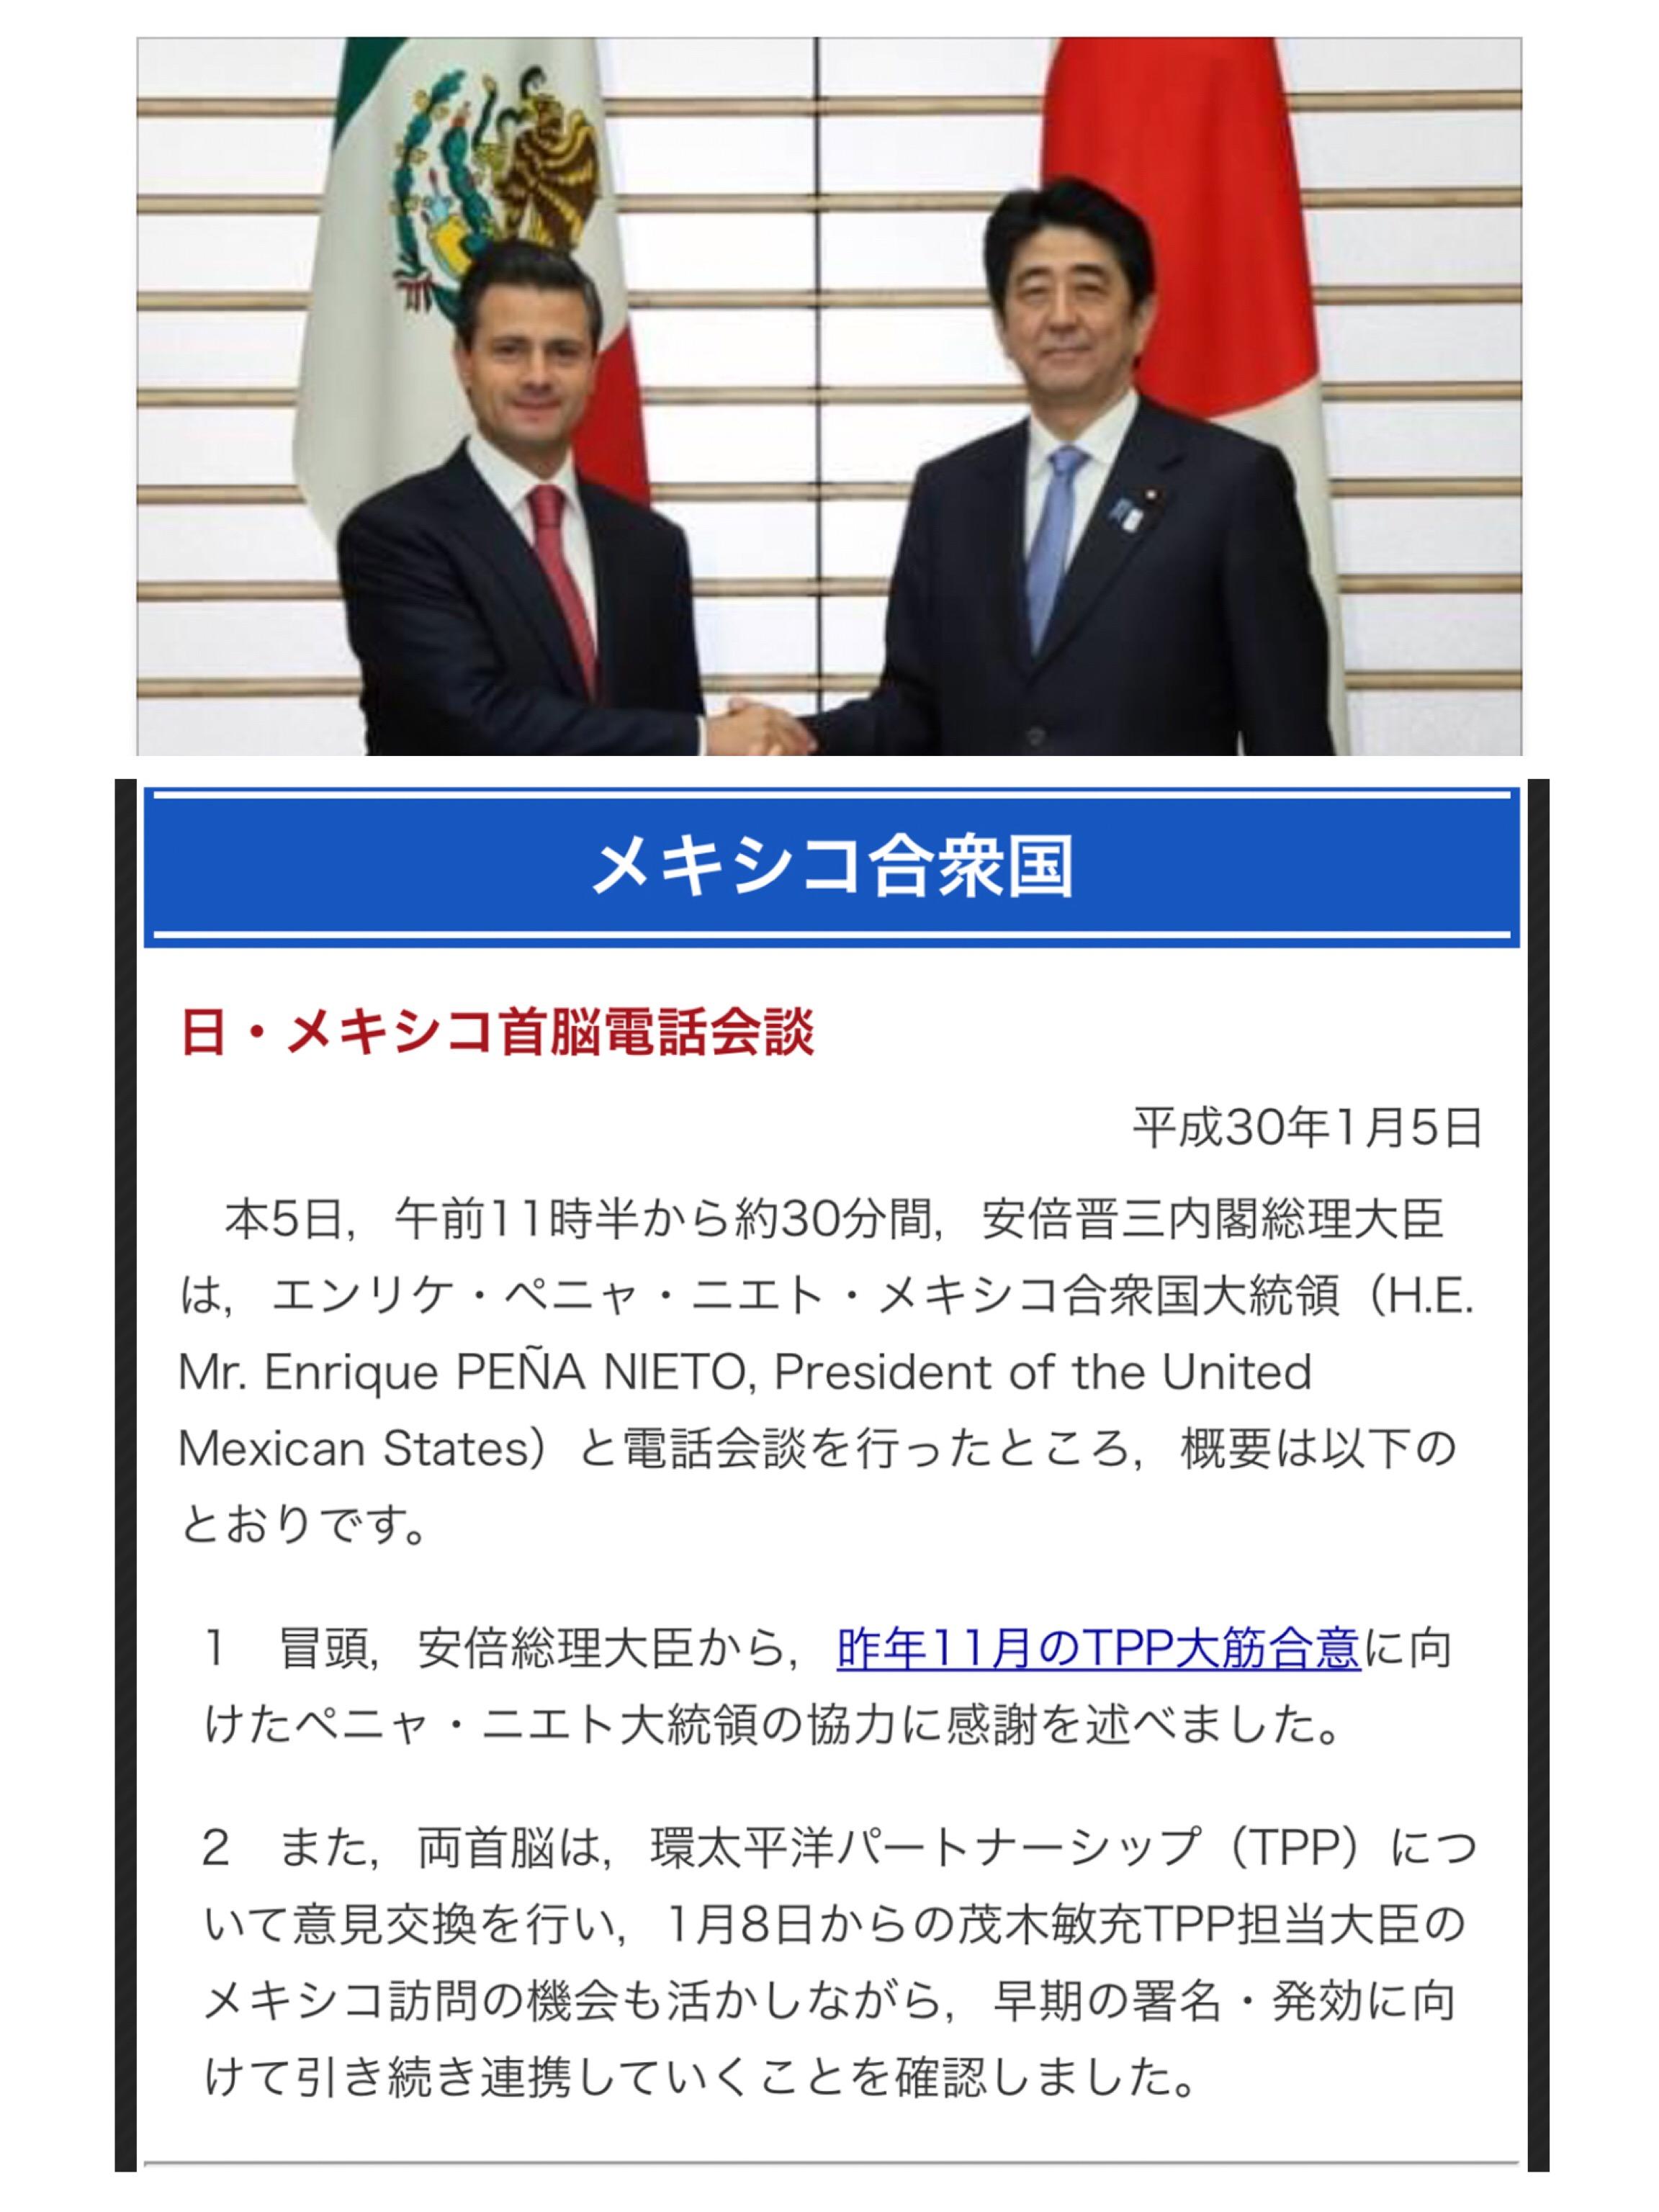 Eyaculaciones sobre noticias japonesas